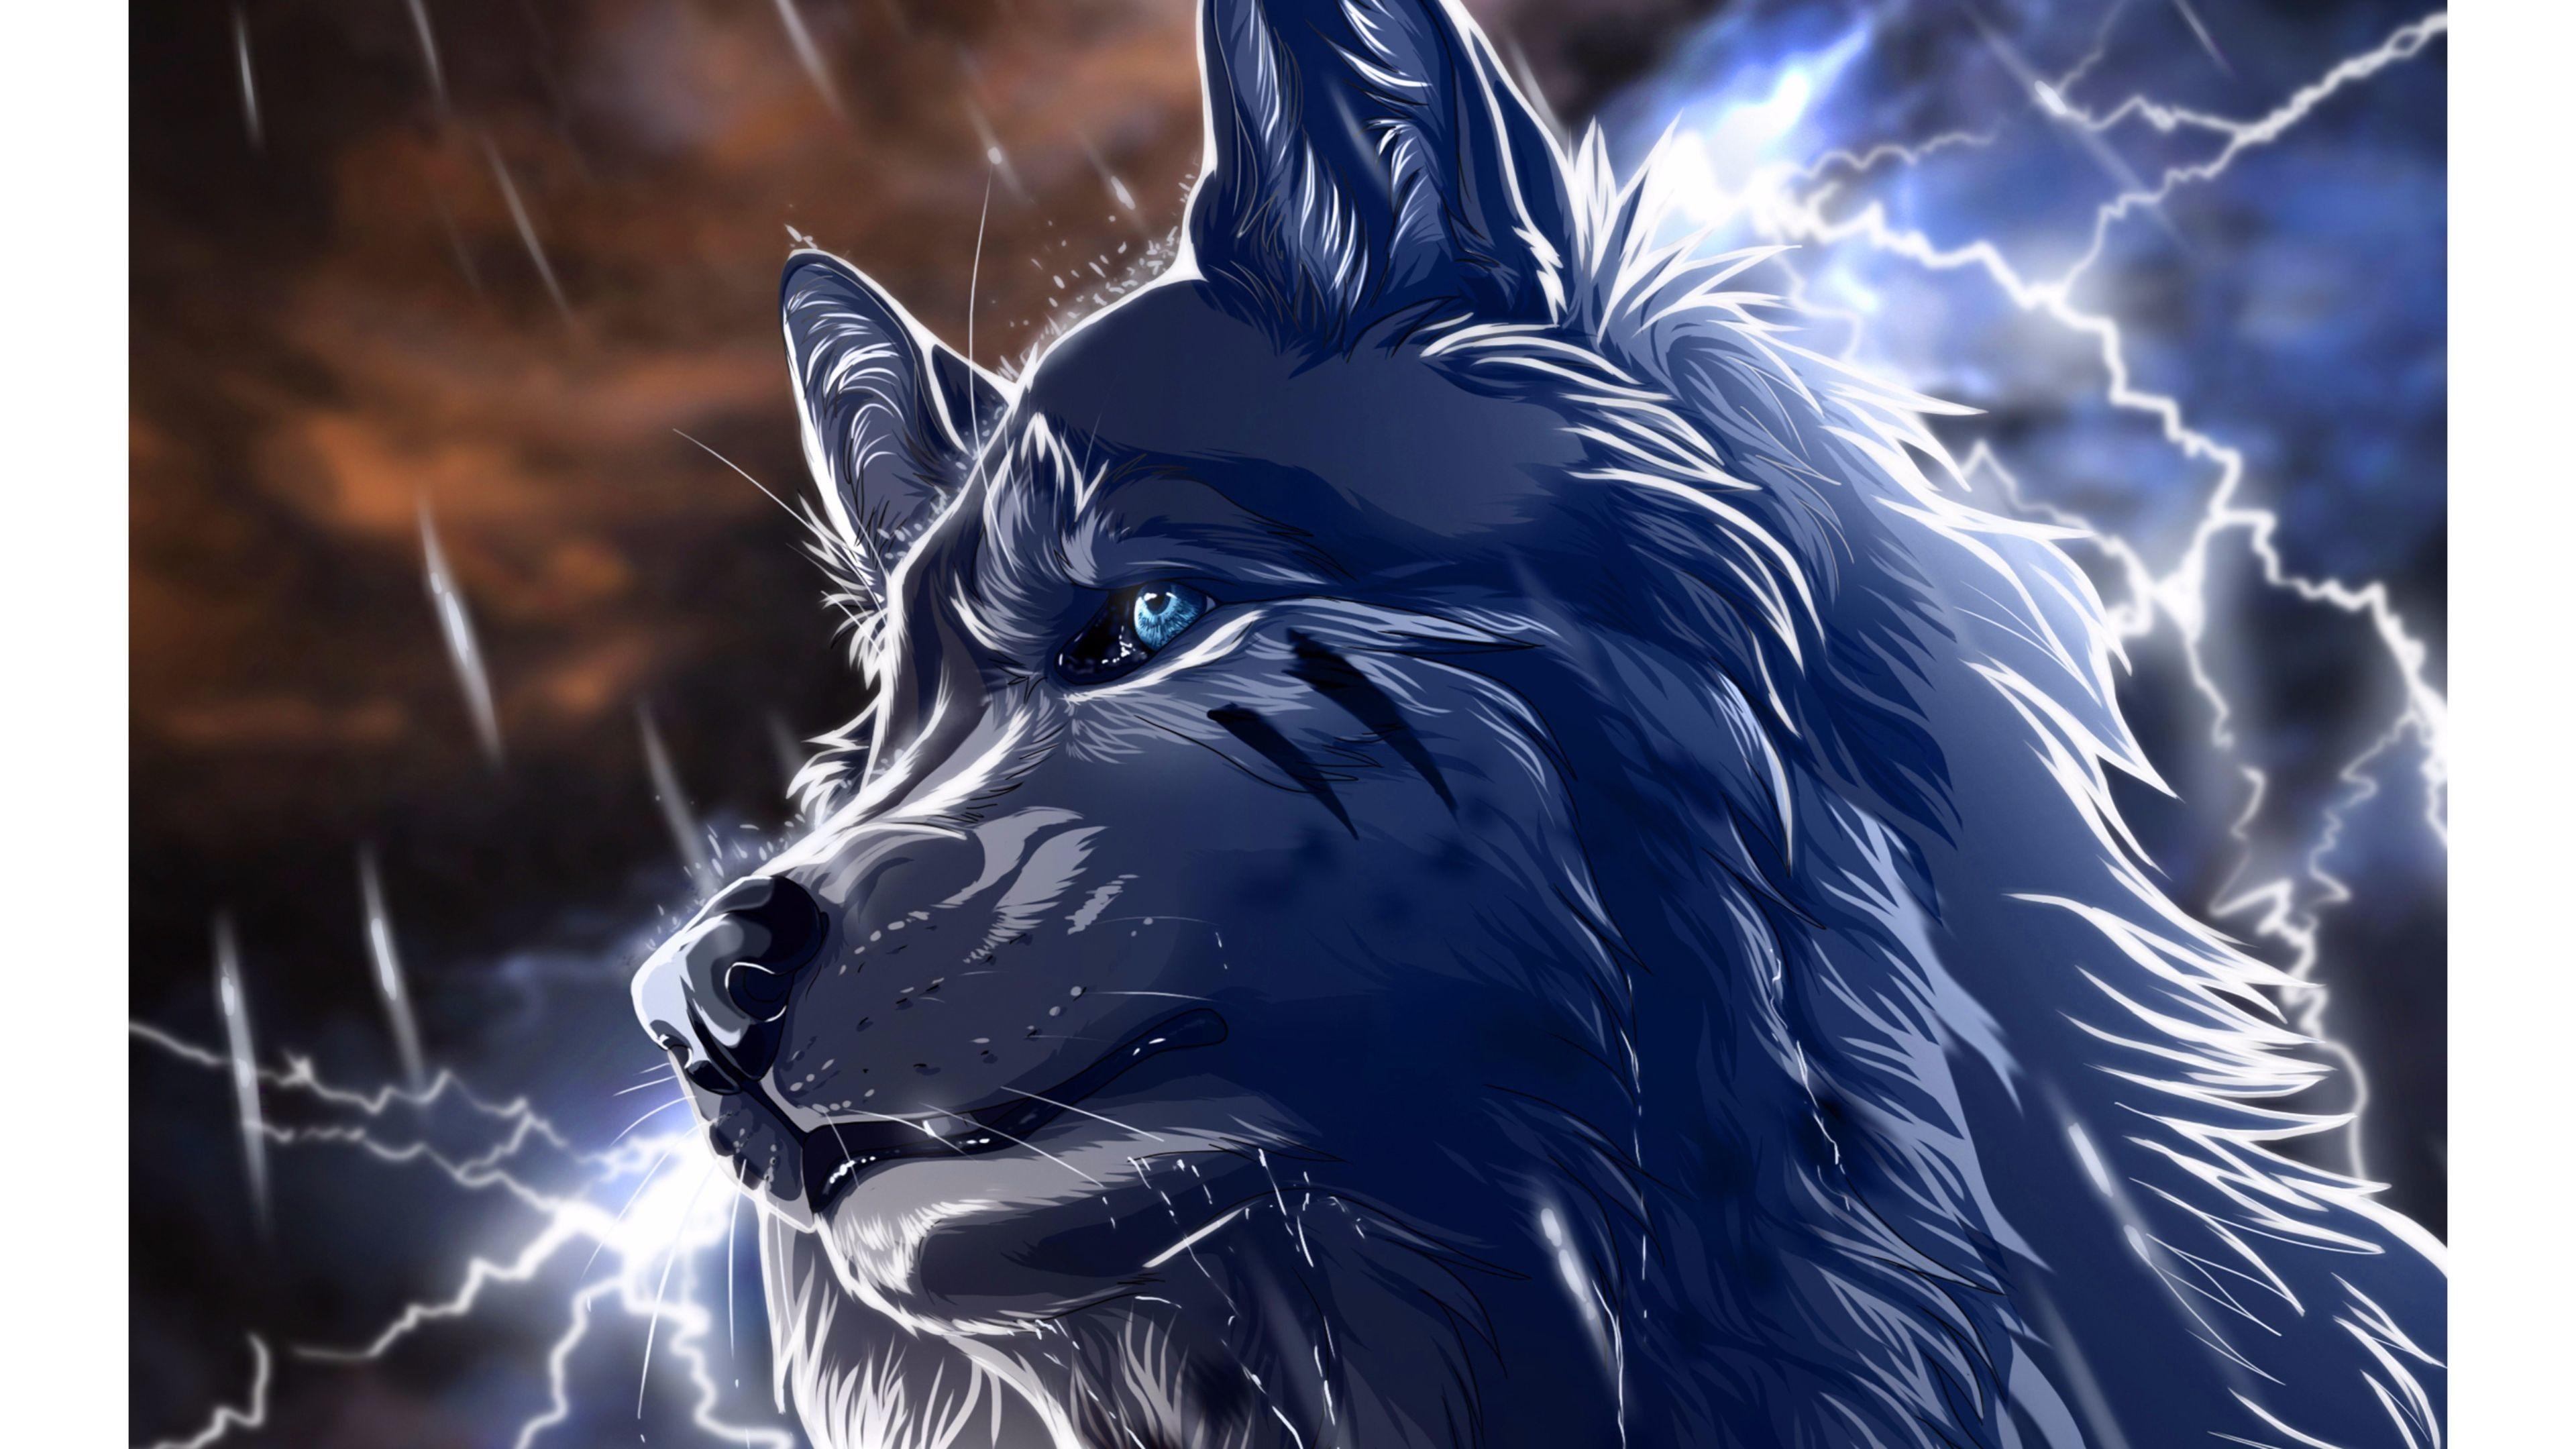 Res 3840x2160 Fond D Ecran Blue Wolf 2016 4k Anime Wolf Wallpaper Hd Anime Wallpapers Anime Wallpaper 1920x1080